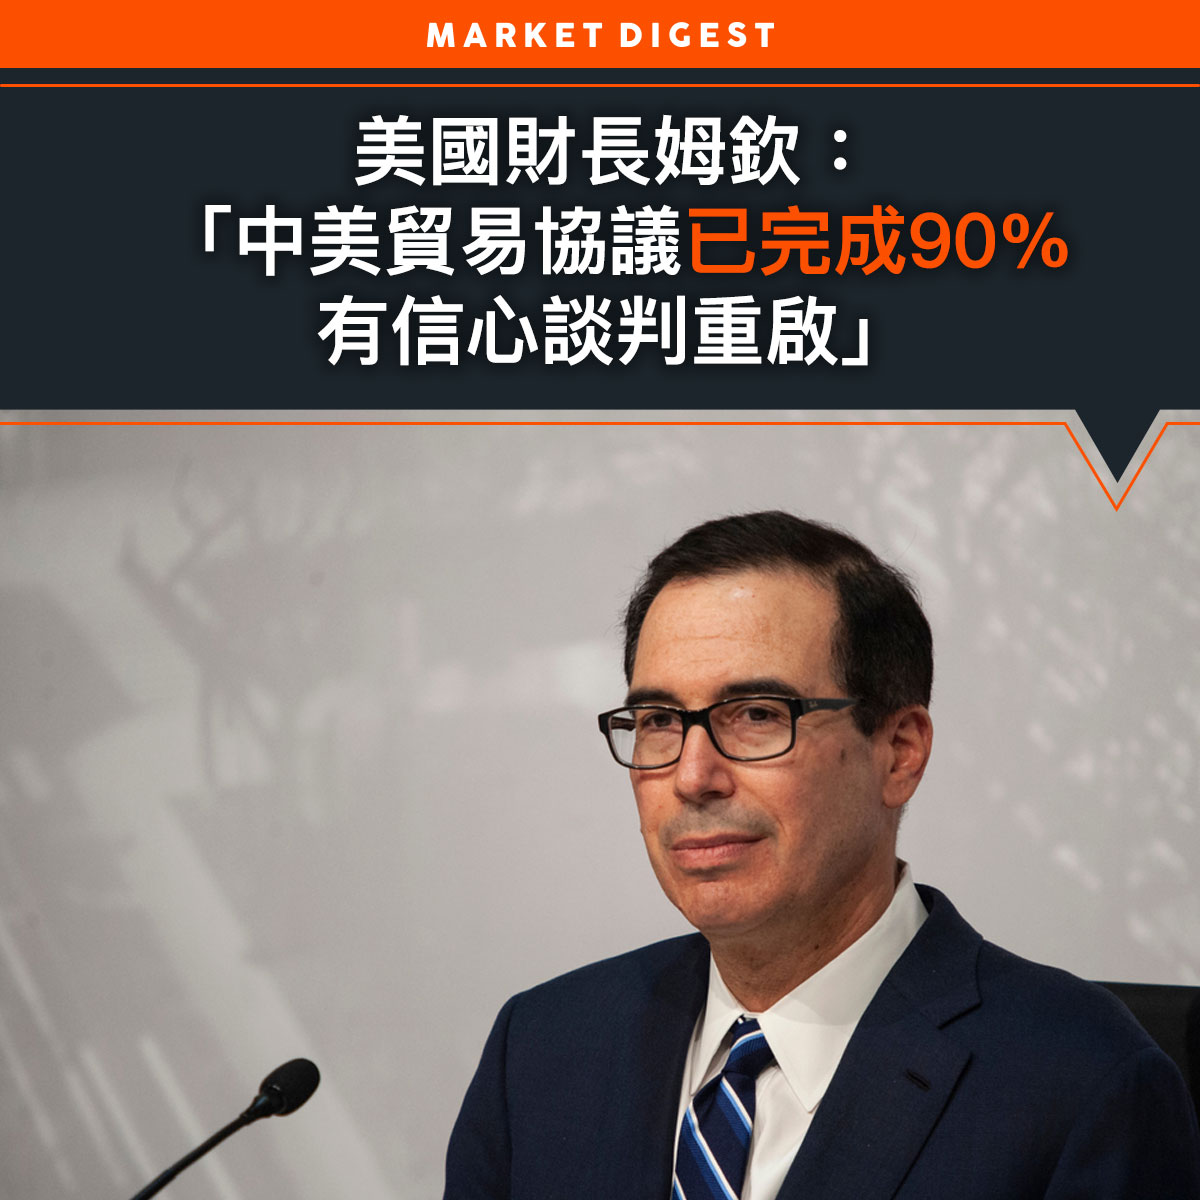 美國財長姆欽: 「中美貿易協議已完成90% 有信心談判重啟」